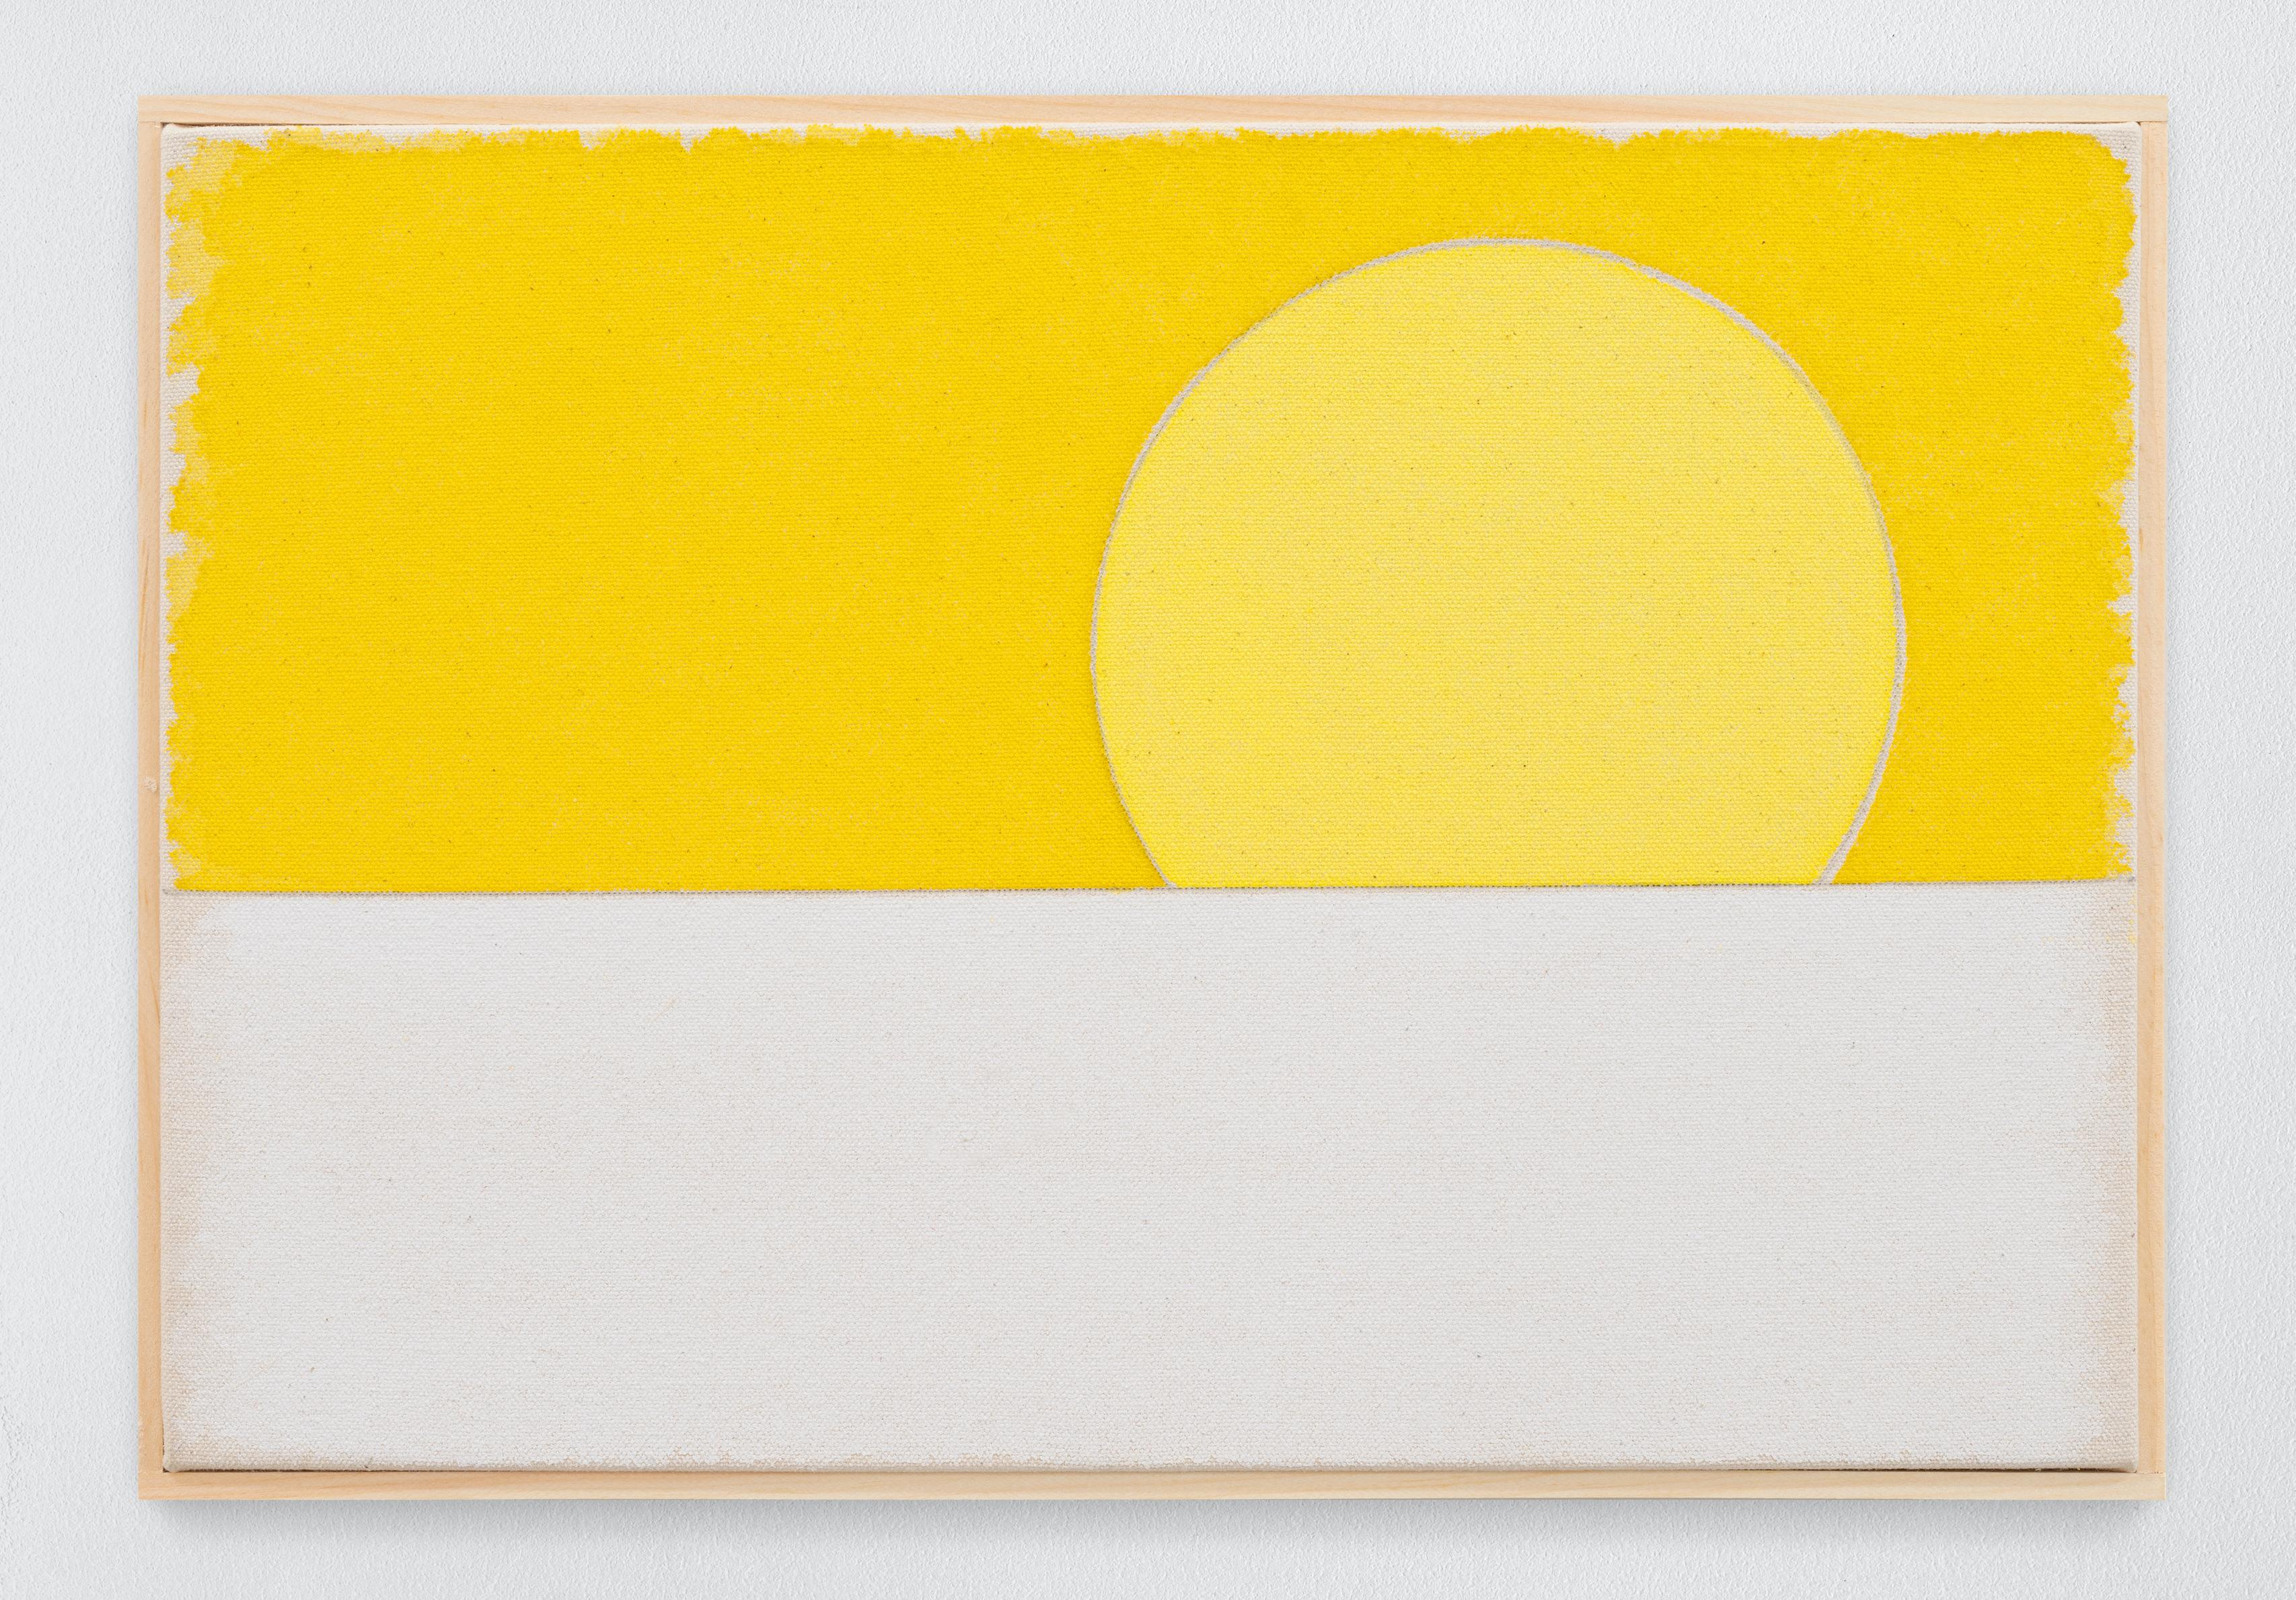 Ugo Rondinone zweiundzwanzigsterjanuarzweitausendundeinundzwanzig, 2020 watercolour on canvas, artist's frame site size: 28 x 40.5 x 2.2 cm / 11 1⁄8 x 16 x 7⁄8 in Credit: © Ugo Rondinone, courtesy Sadie Coles HQ, London.